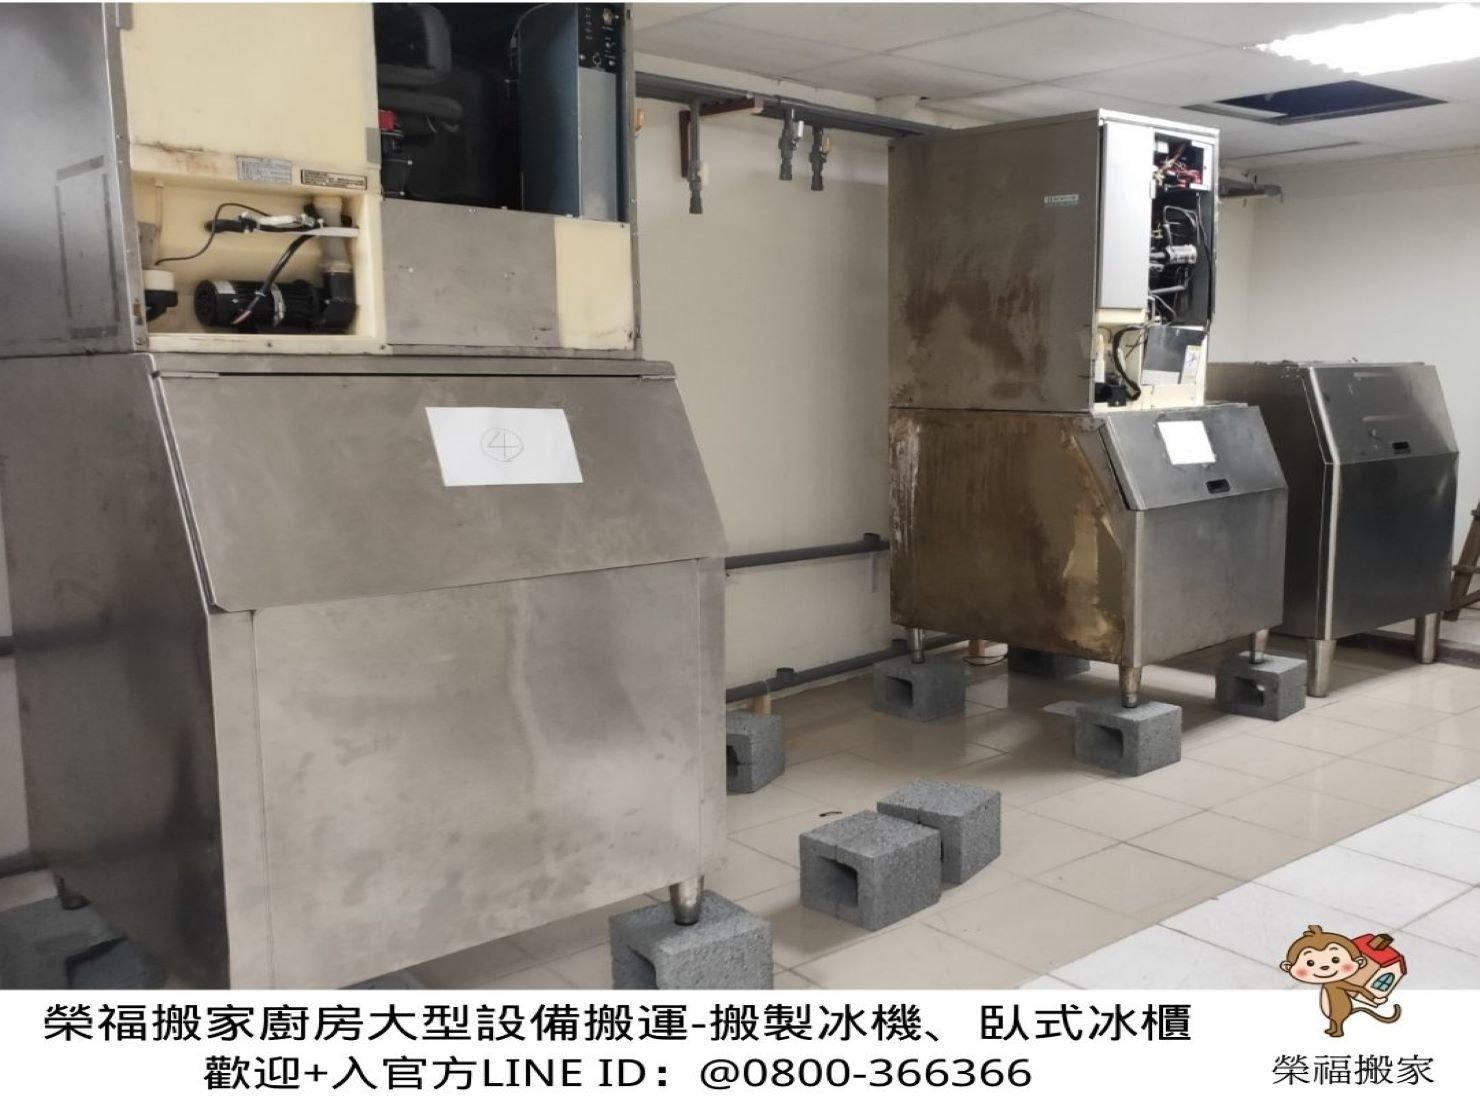 【店面搬遷】營業用製冰機搬運注意事項及搬運過程榮福搬家大公開